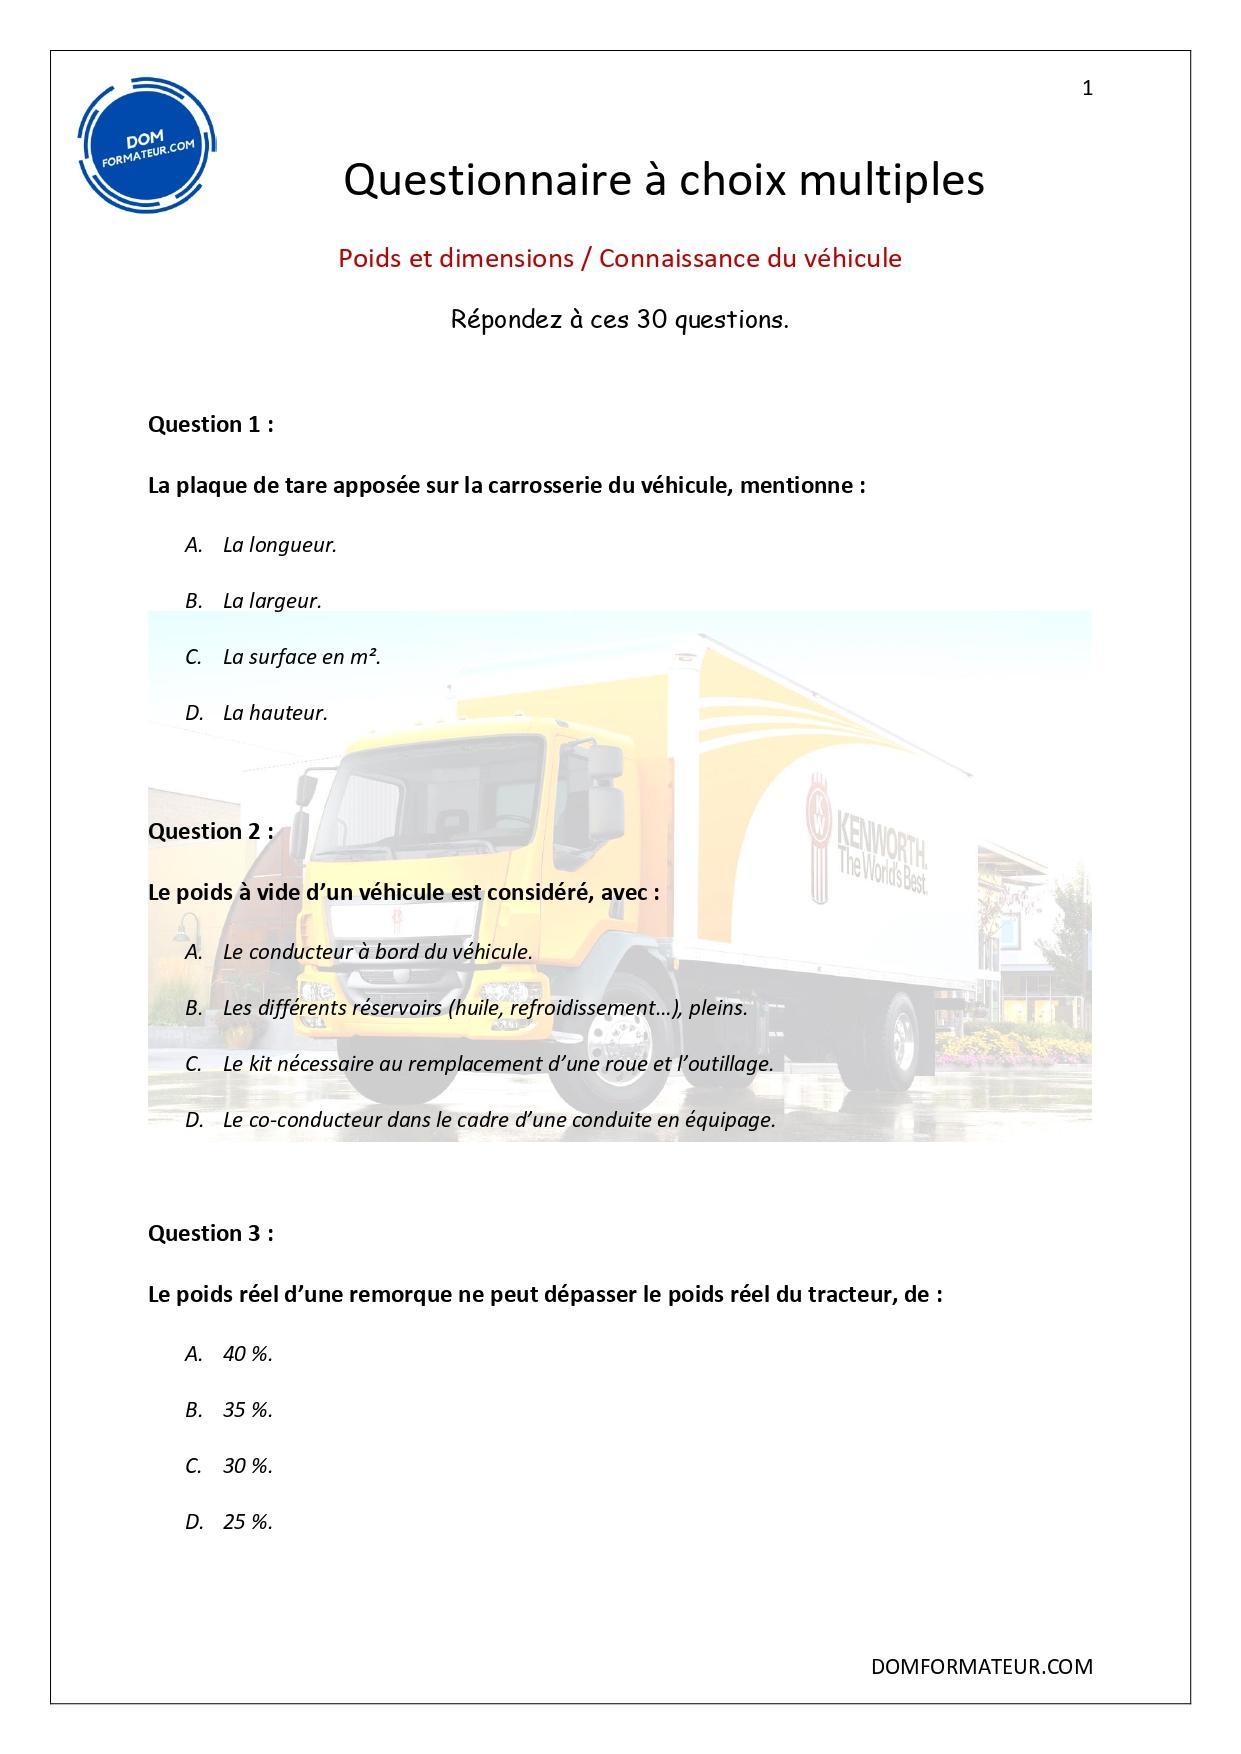 Poids et dimensions page 0001